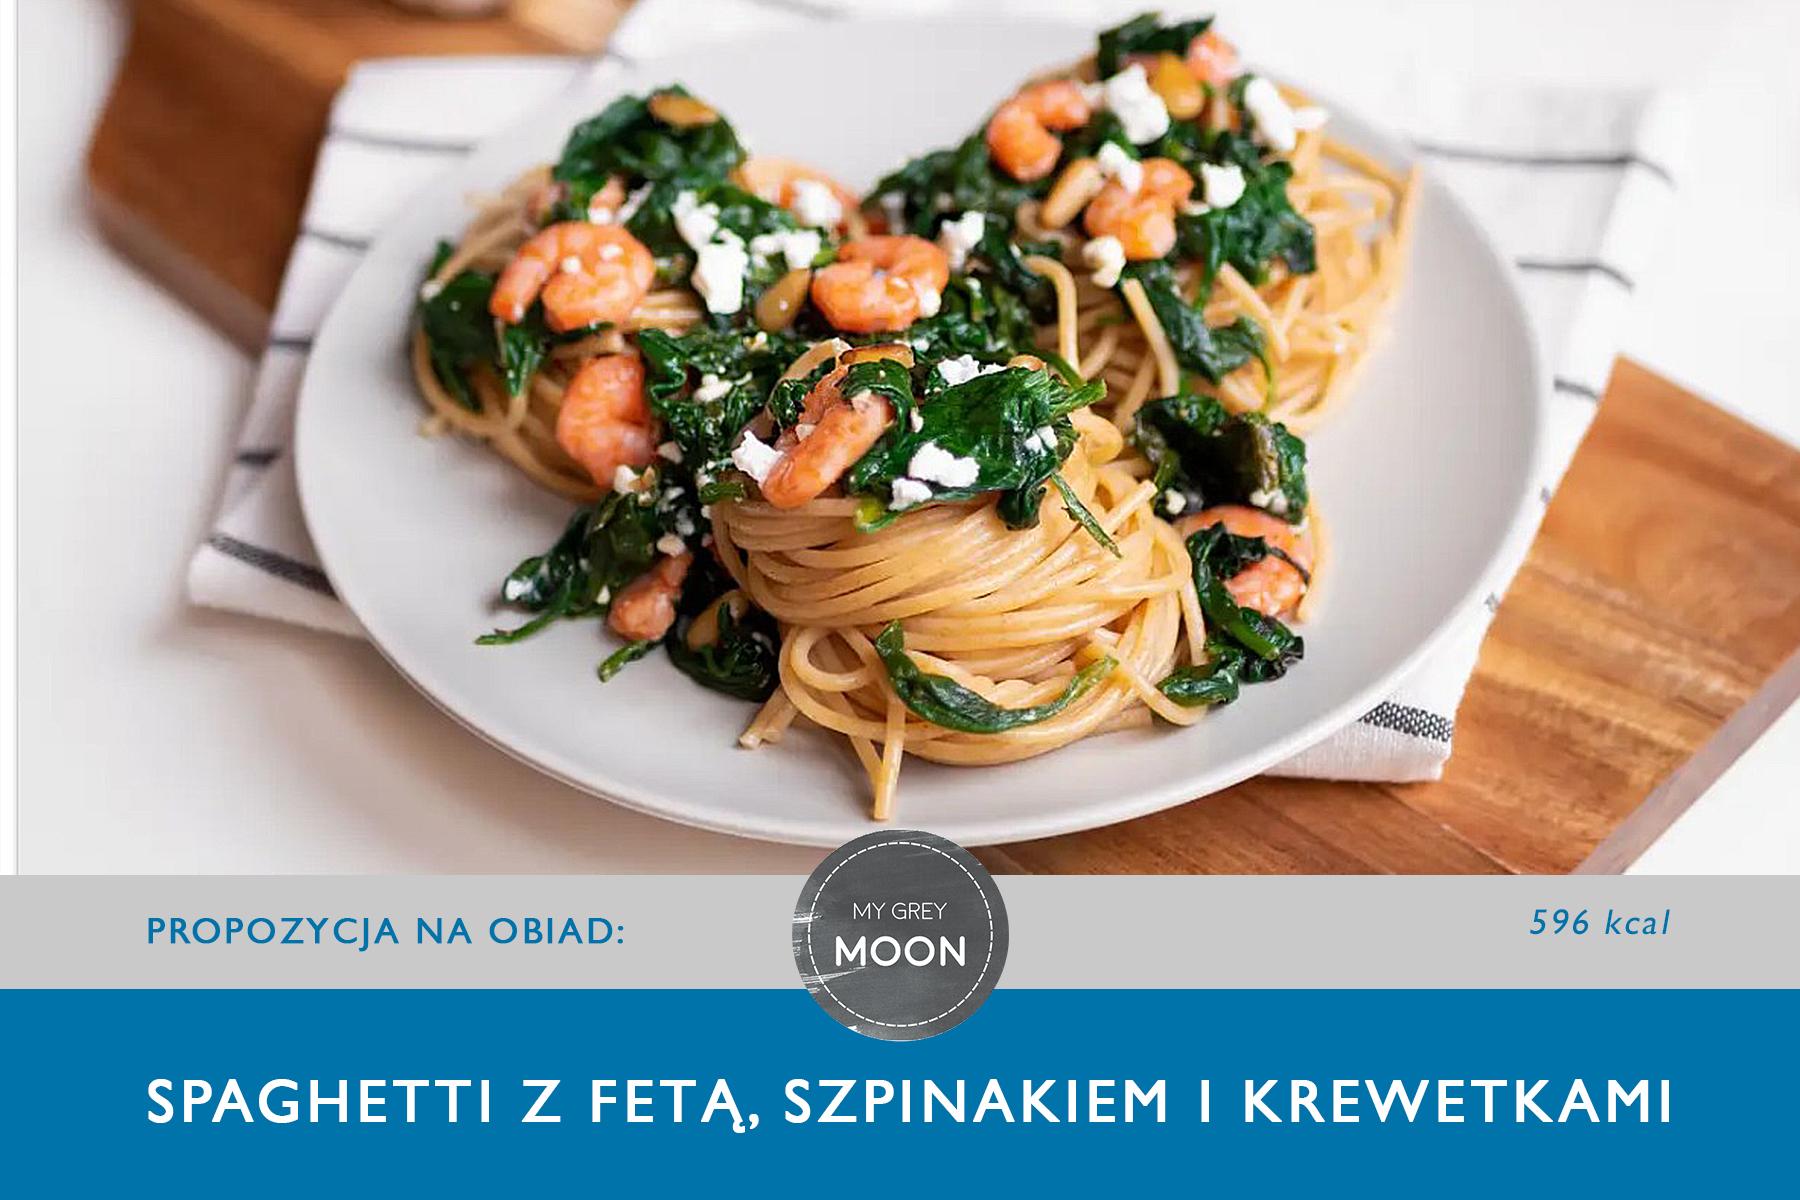 Spaghetti  zfetą, szpinakiem ikrewetkami